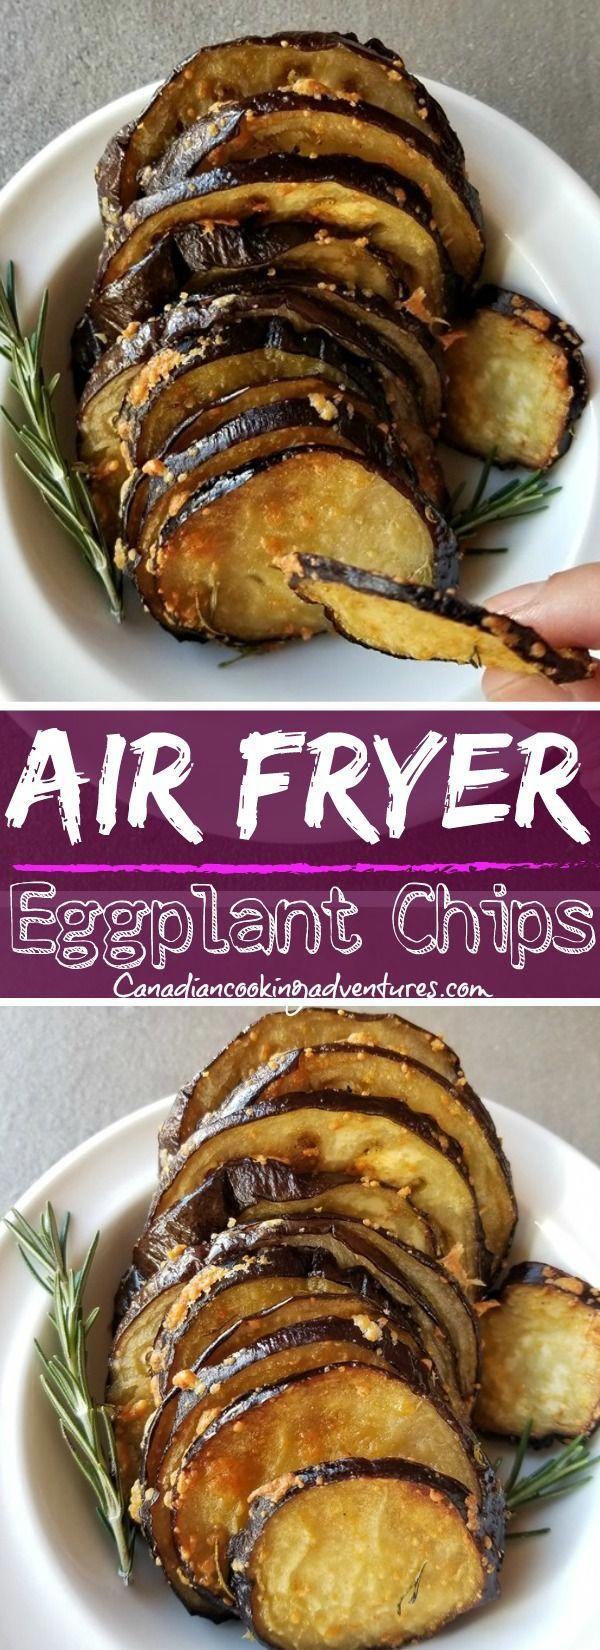 Air Fryer Eggplant Chips in 2020 Air fryer dinner